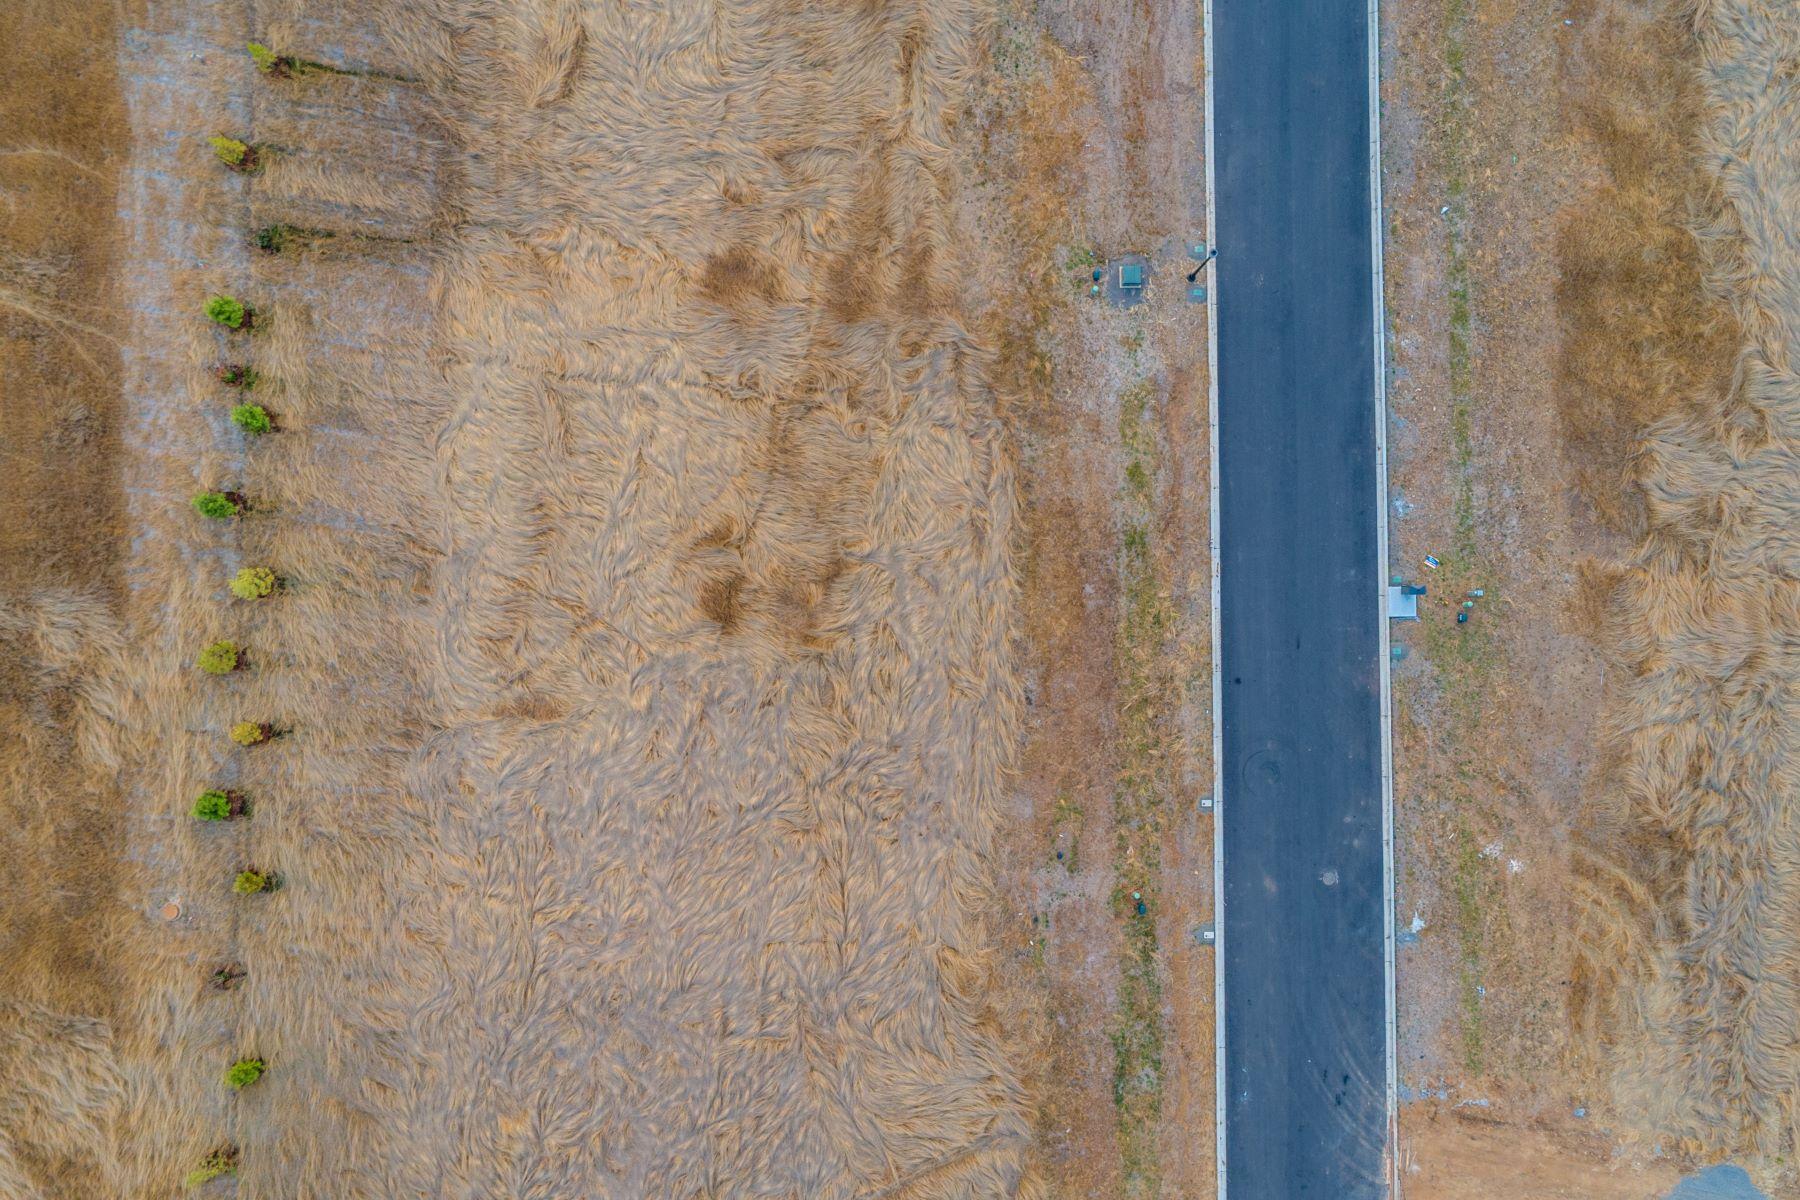 Đất đai vì Bán tại 3518 NW McMaster DR Camas, WA 98607 Camas, Washington 98607 Hoa Kỳ